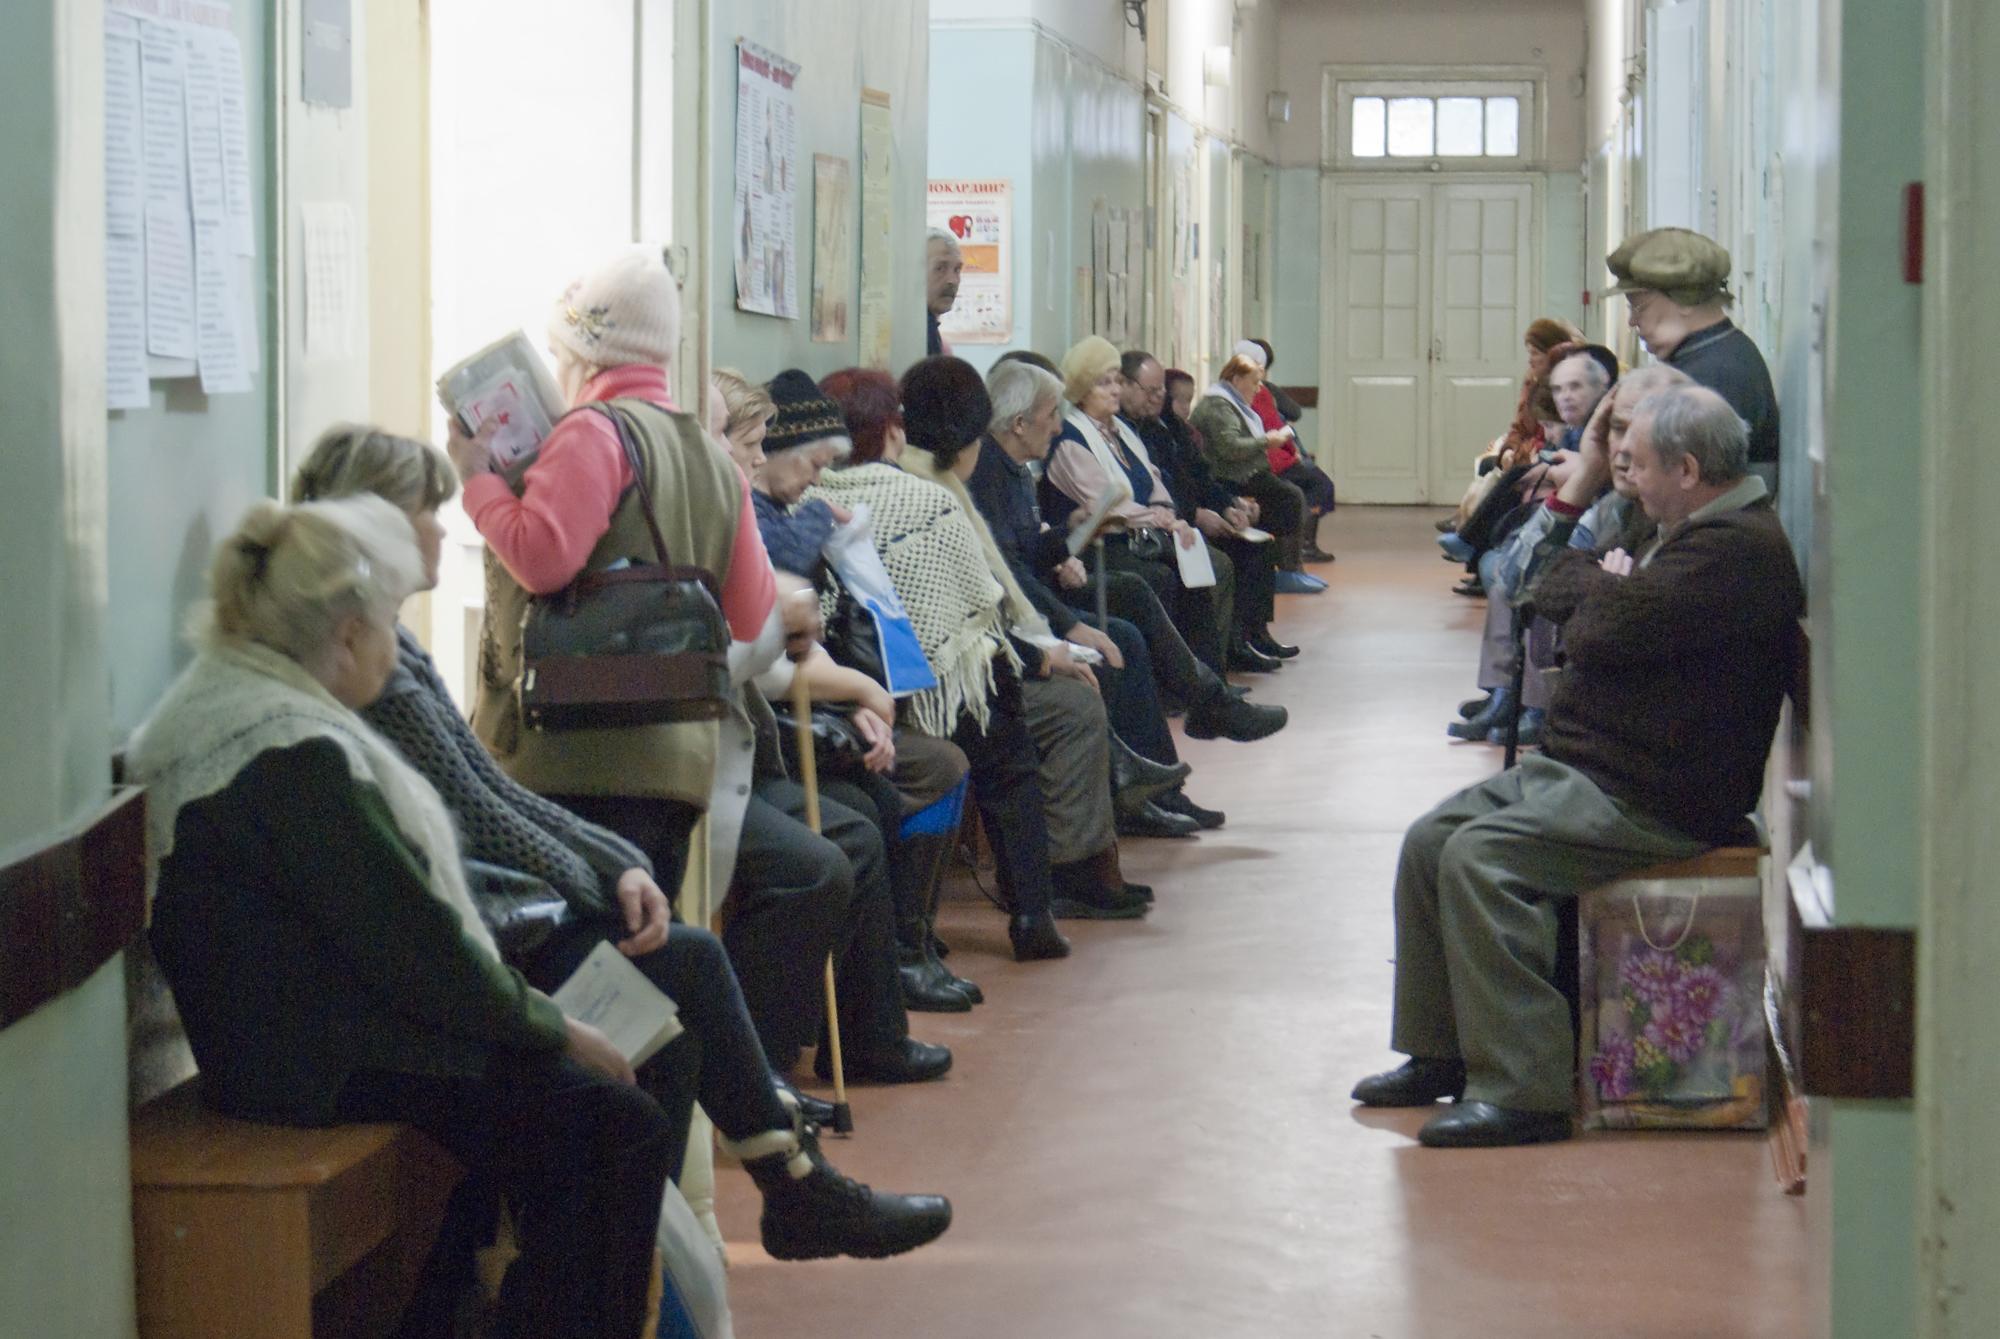 Следственное управление Пермского края заинтересовалось смертью пациента в очереди на рентген